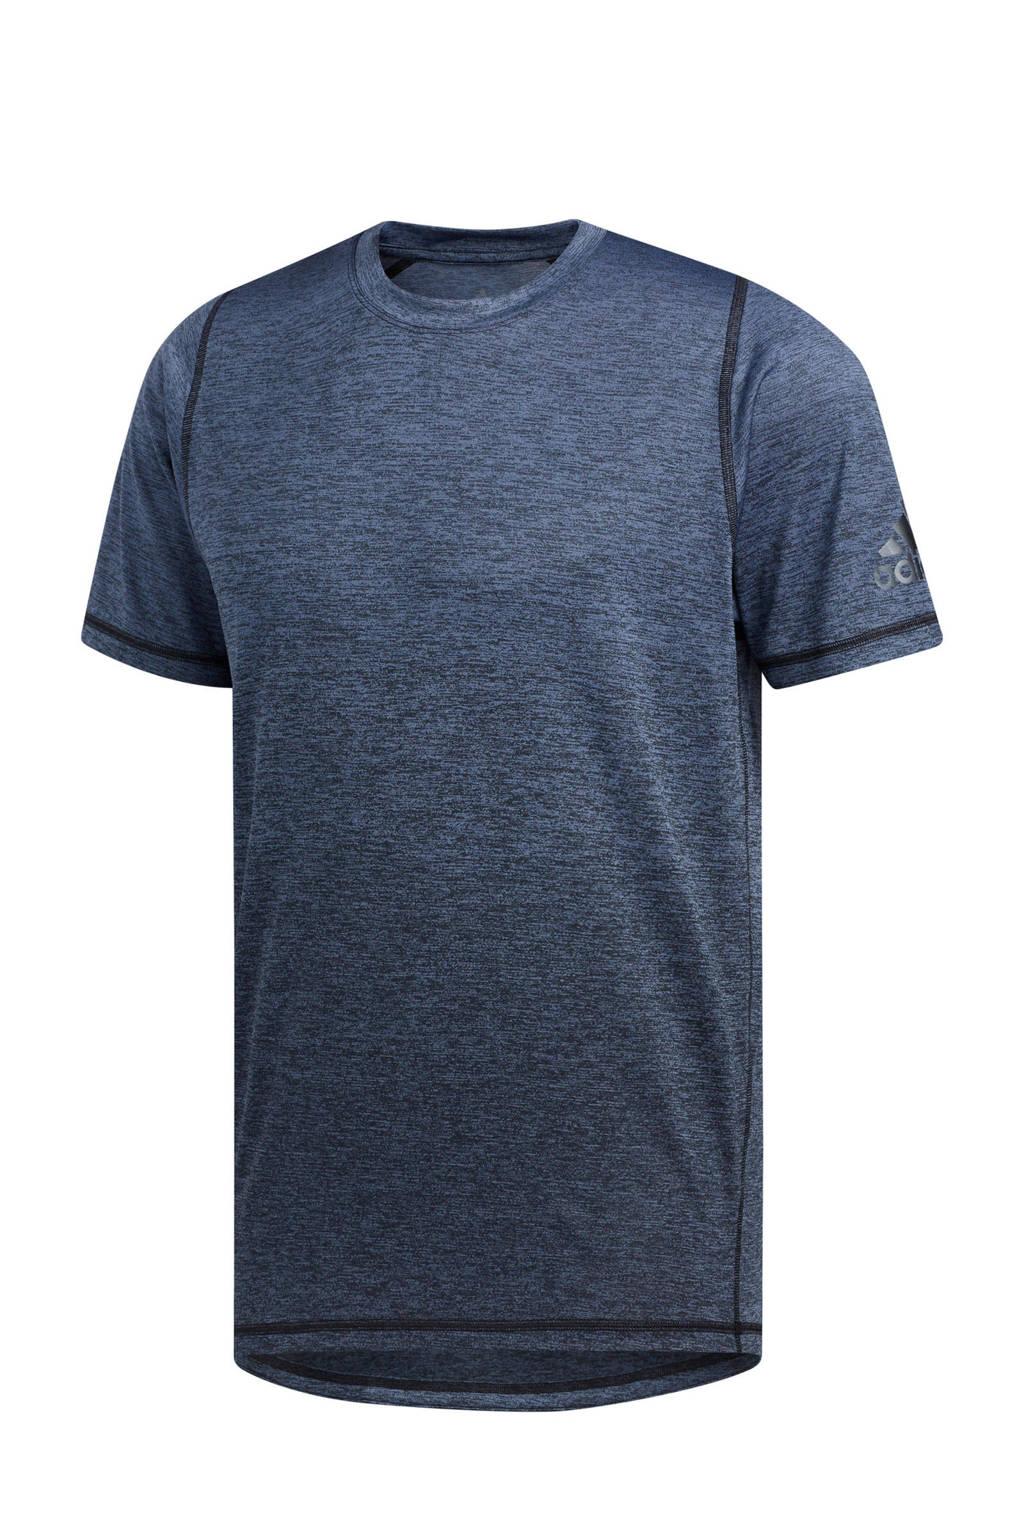 adidas   sport T-shirt donkerblauw, Donkerblauw